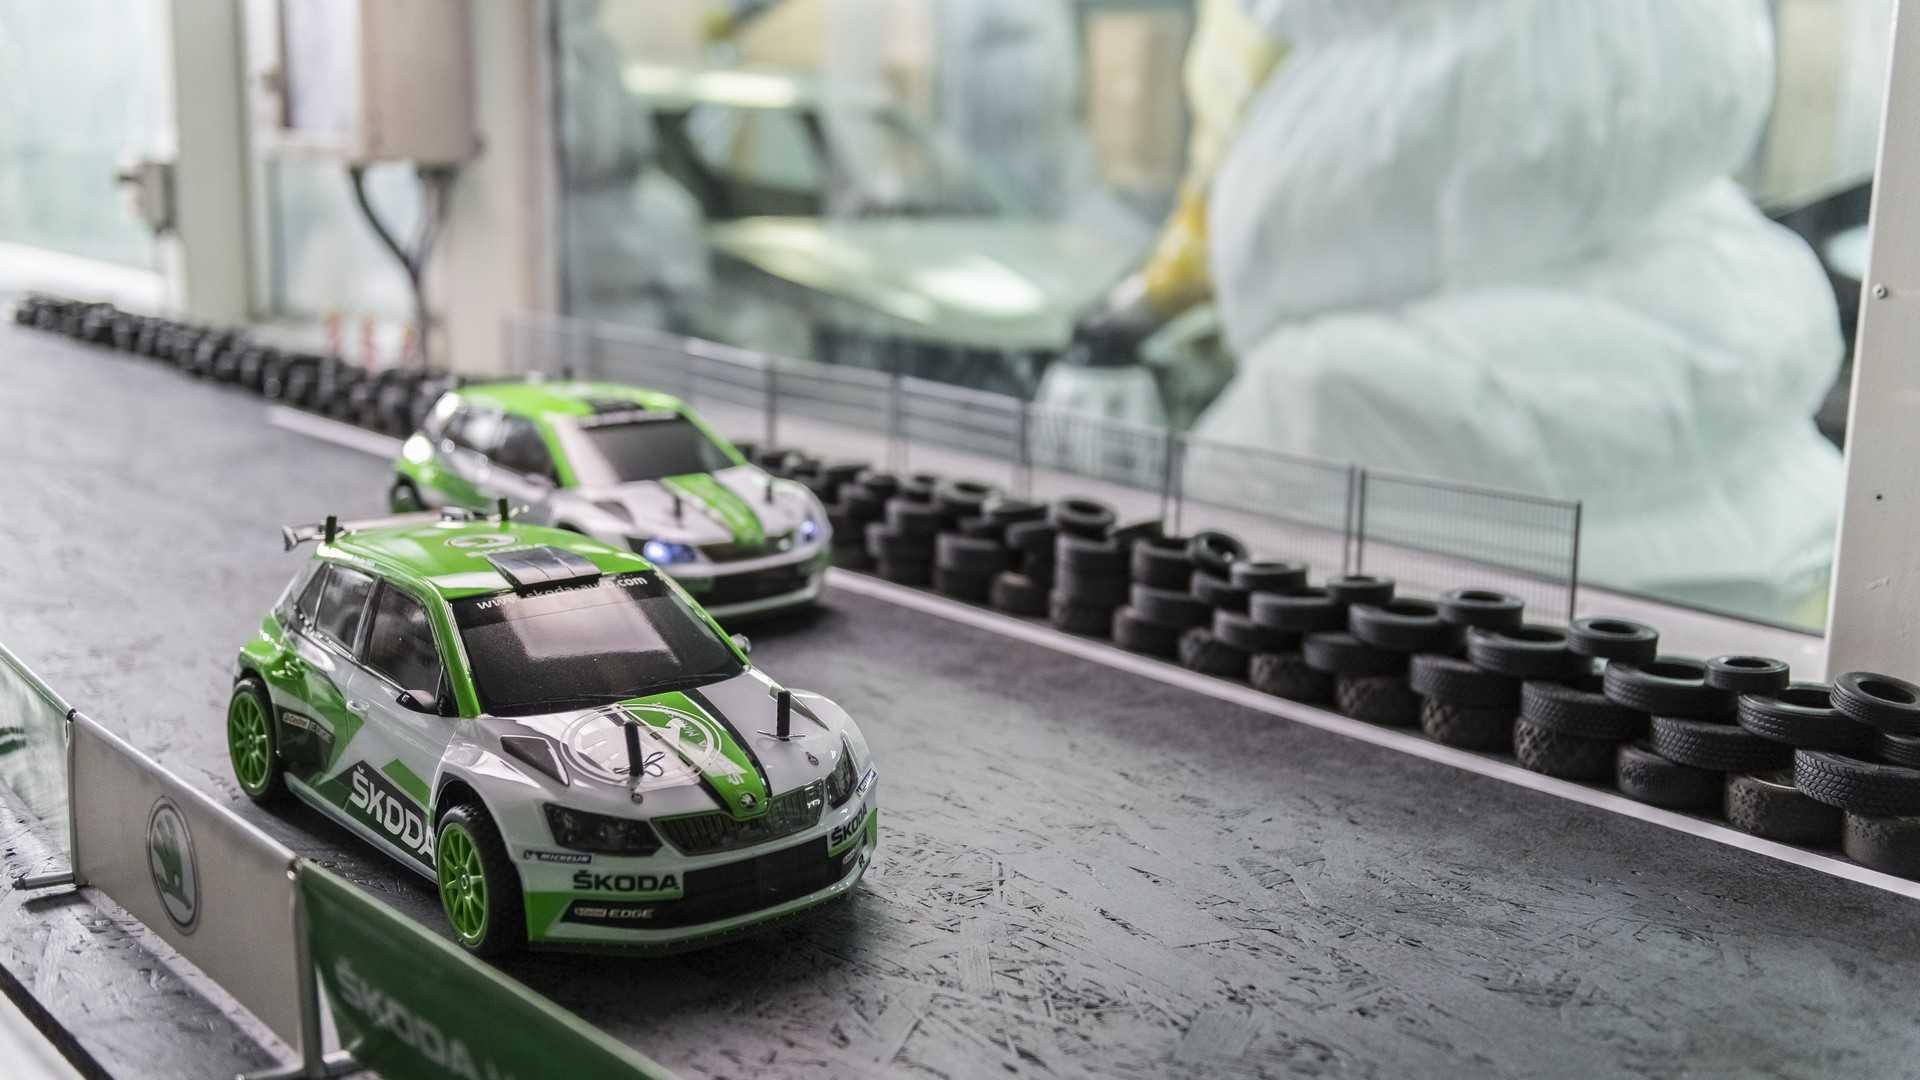 skoda-fabia-r5-rc-cars